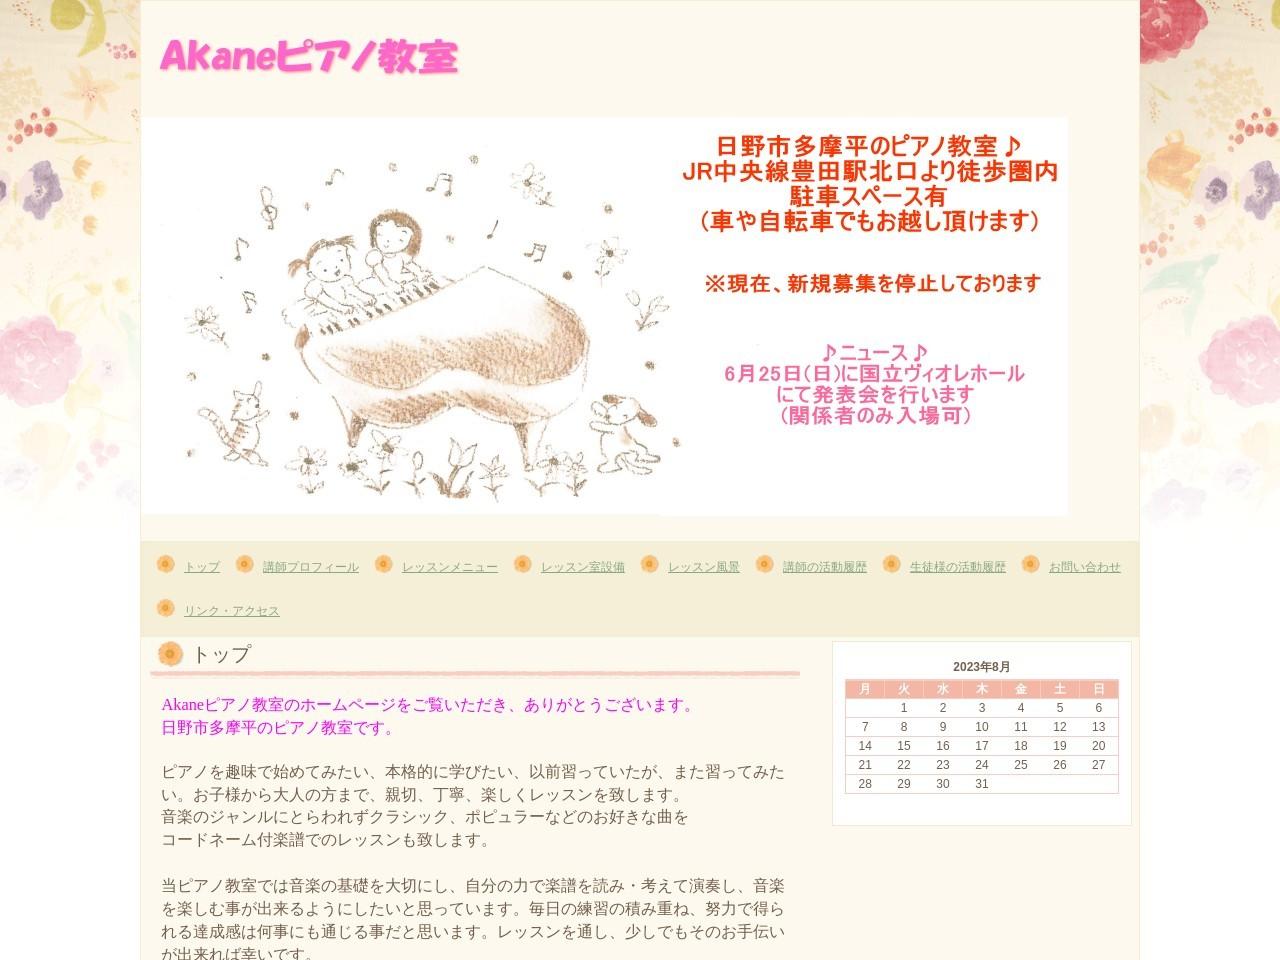 Akaneピアノ教室のサムネイル